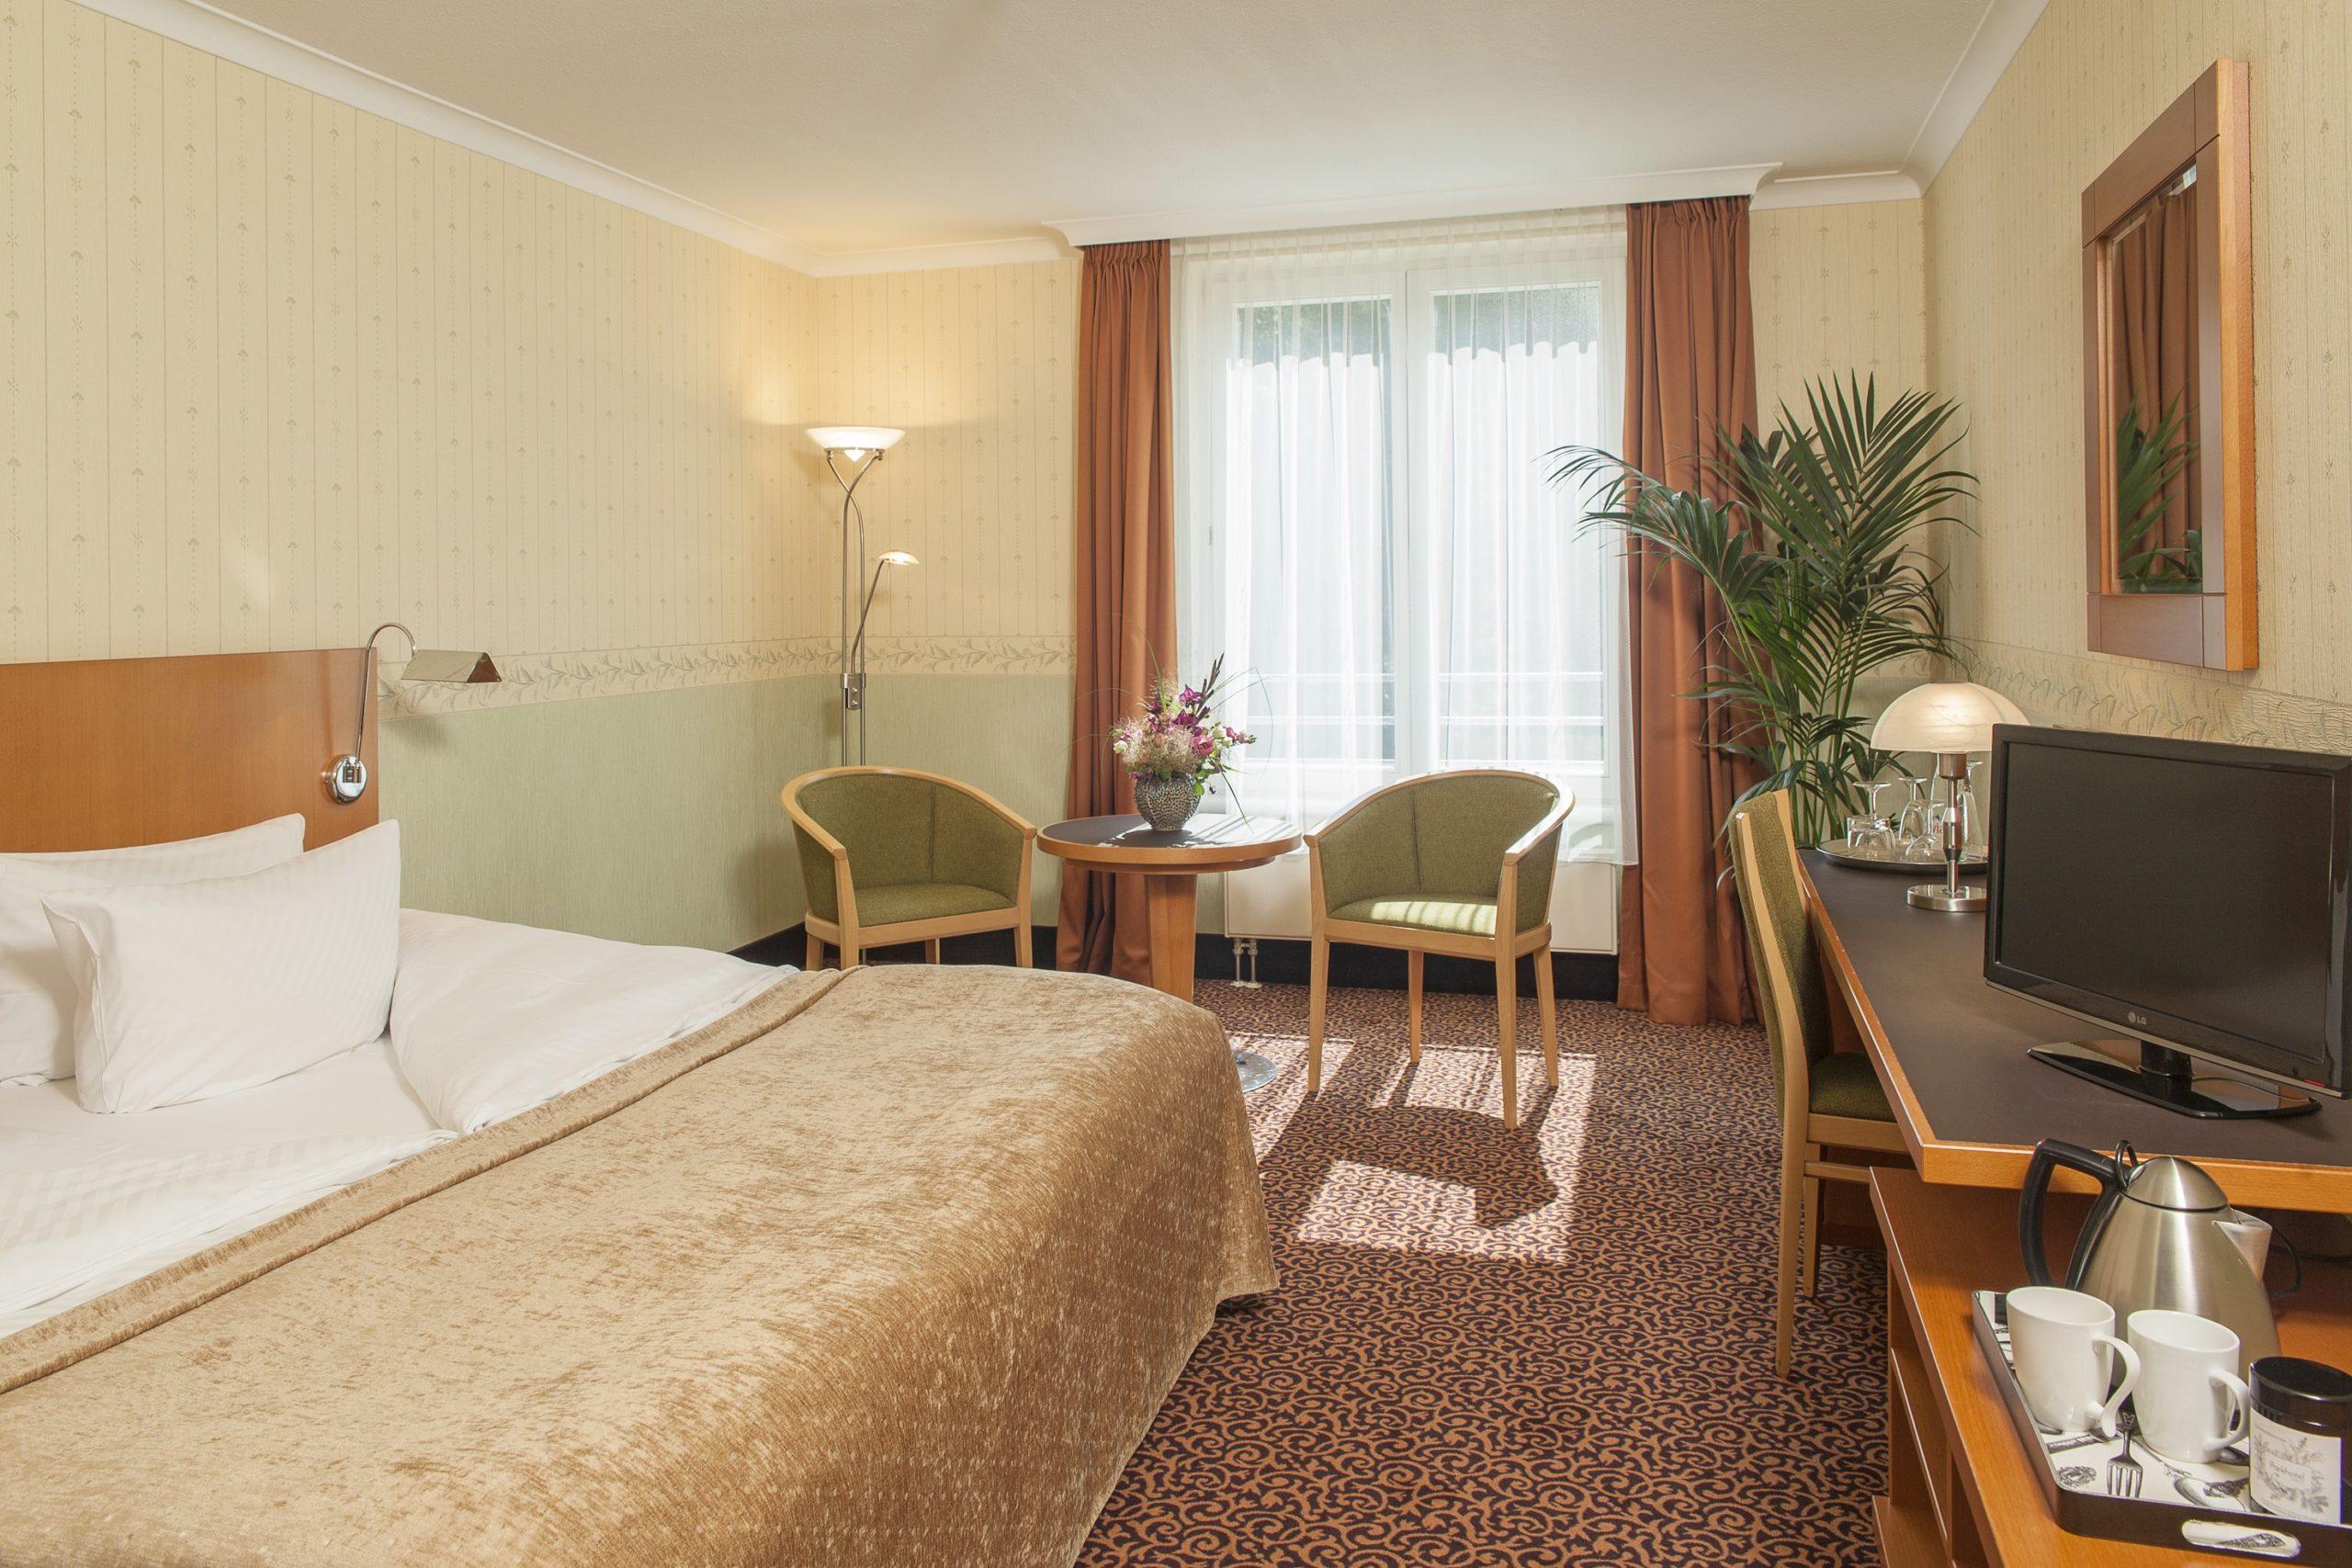 Zimmerbeispiel Parkhotel Görlitz